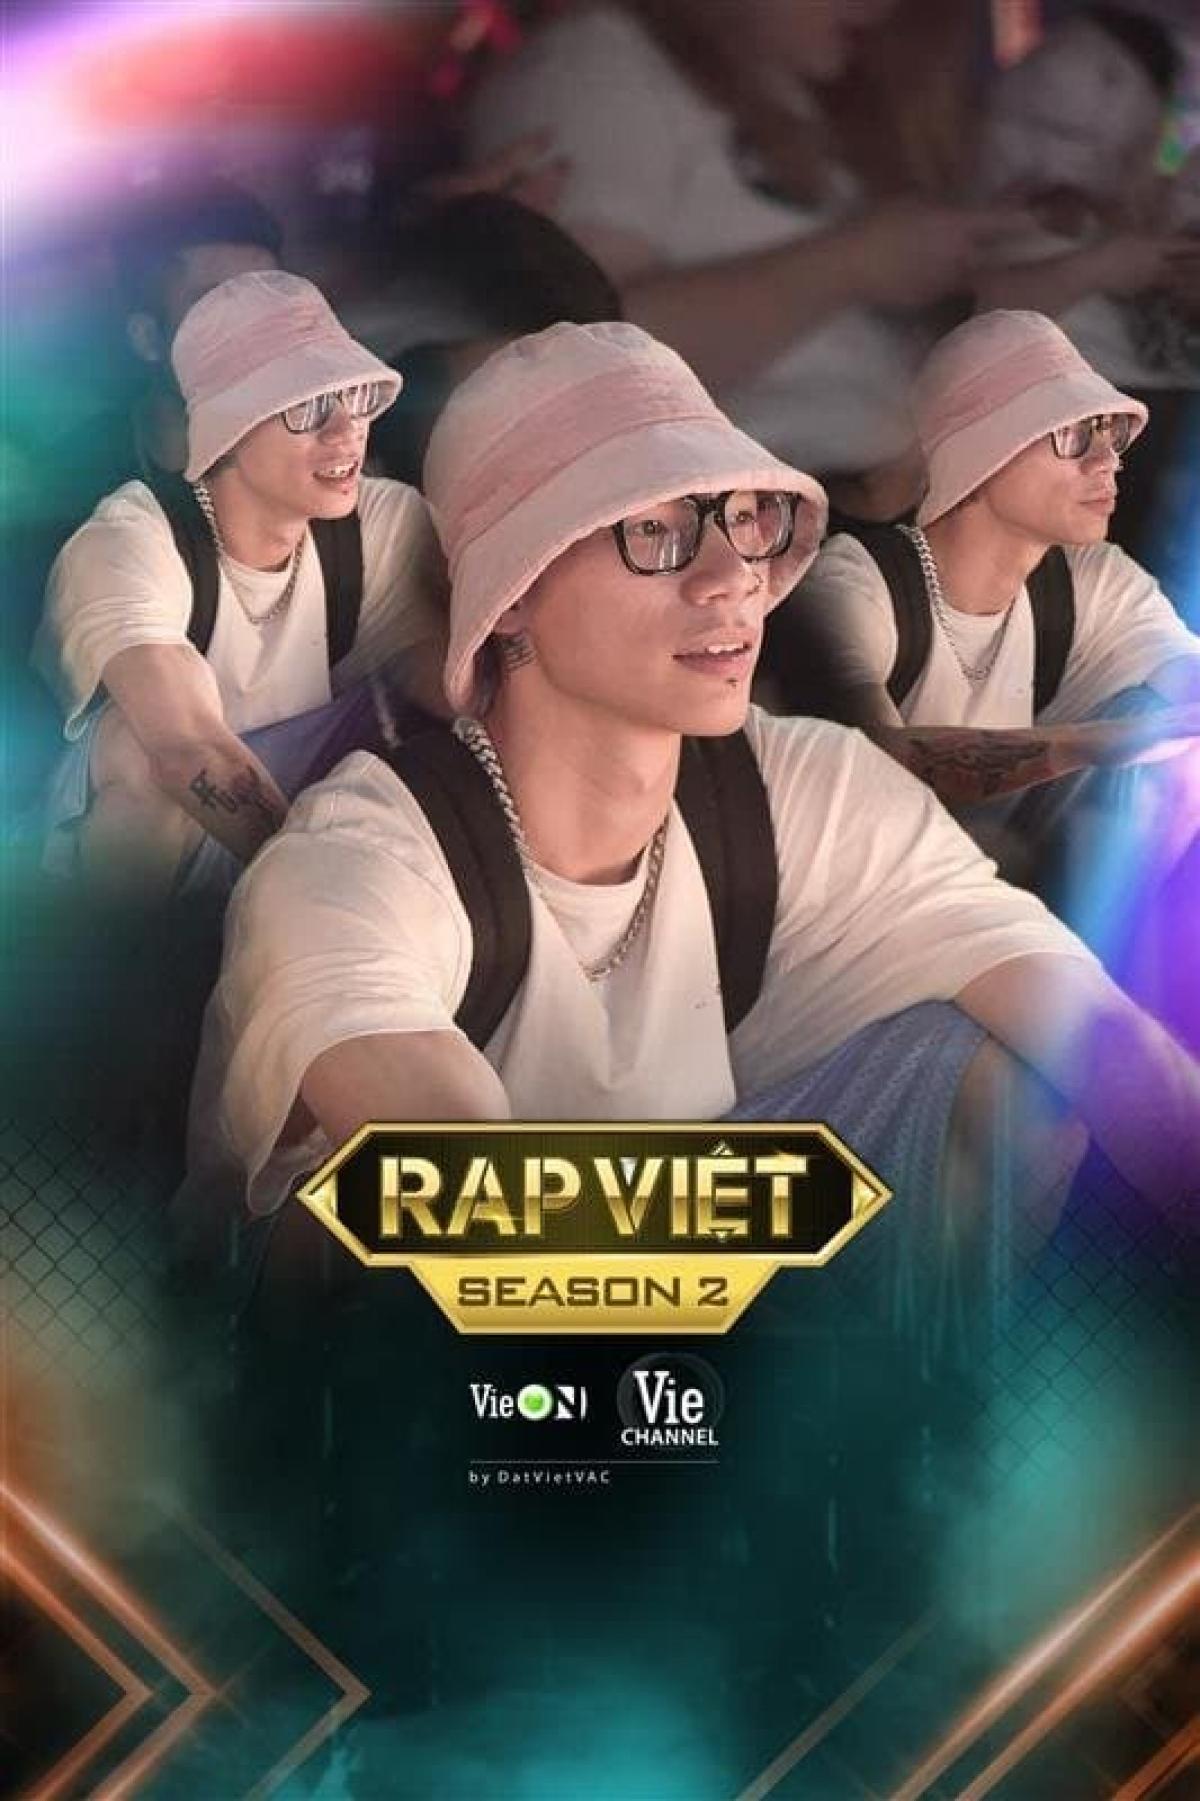 RPT MCK, thí sinh Rap Việt mùa 1 có mặt tại buổi casting để cổ vũ các thí sinh tham gia.